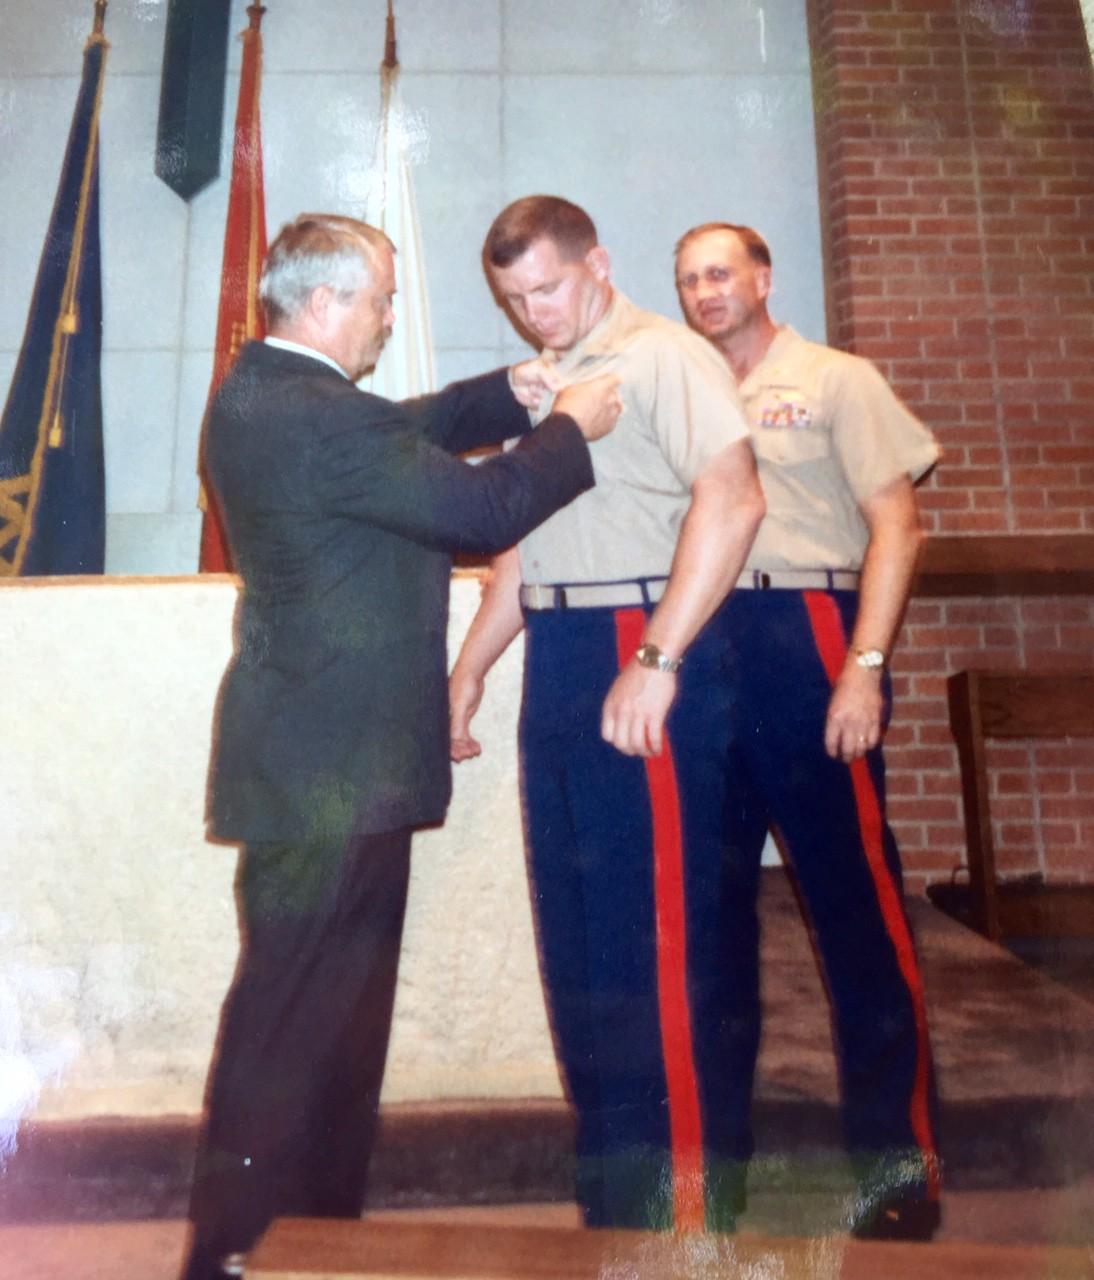 George McKay and Raymond N. McKay winging